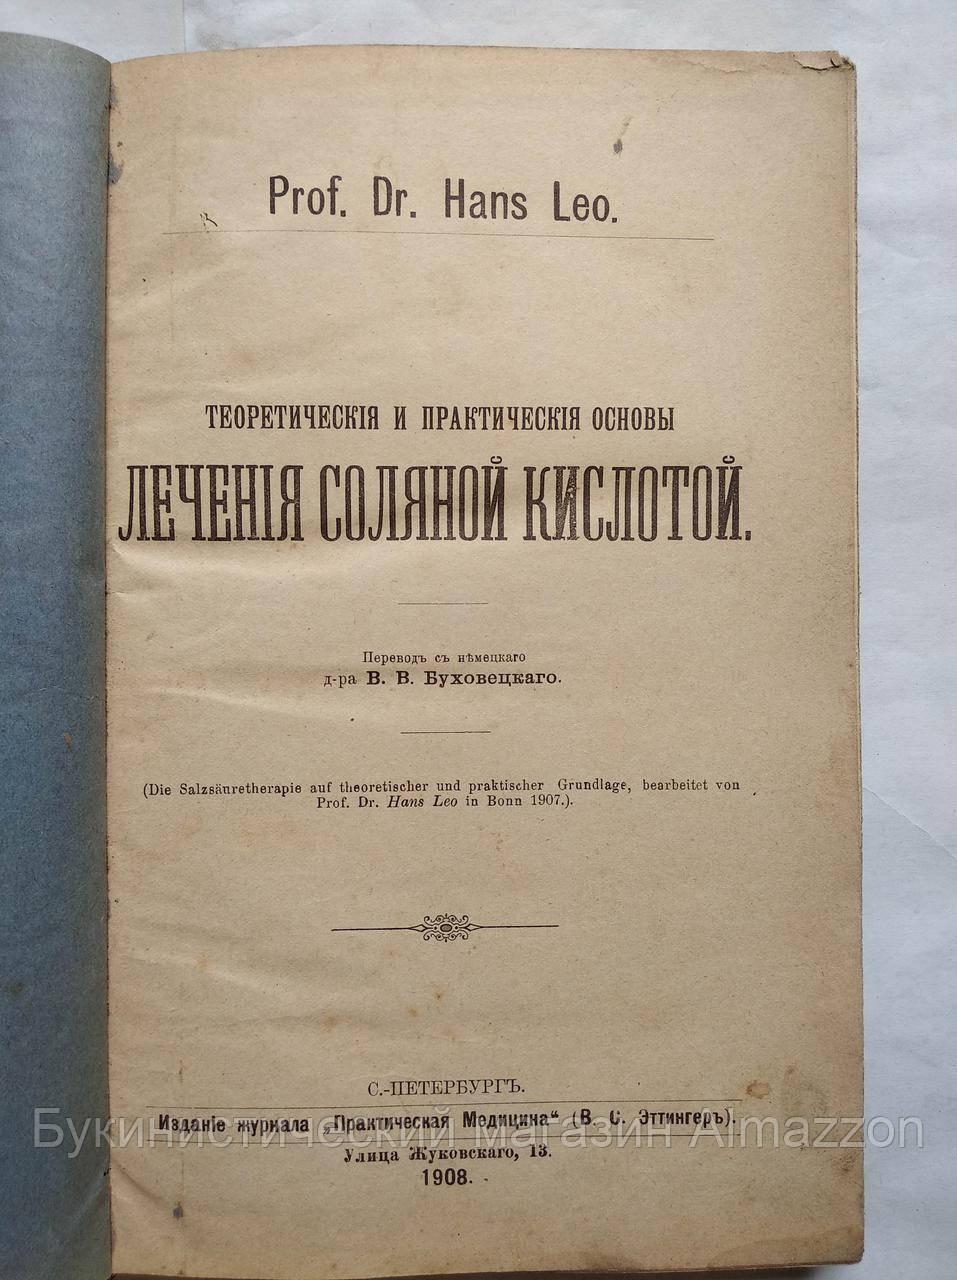 Теоретические и практические основы лечения соляной кислотой. 1908 год